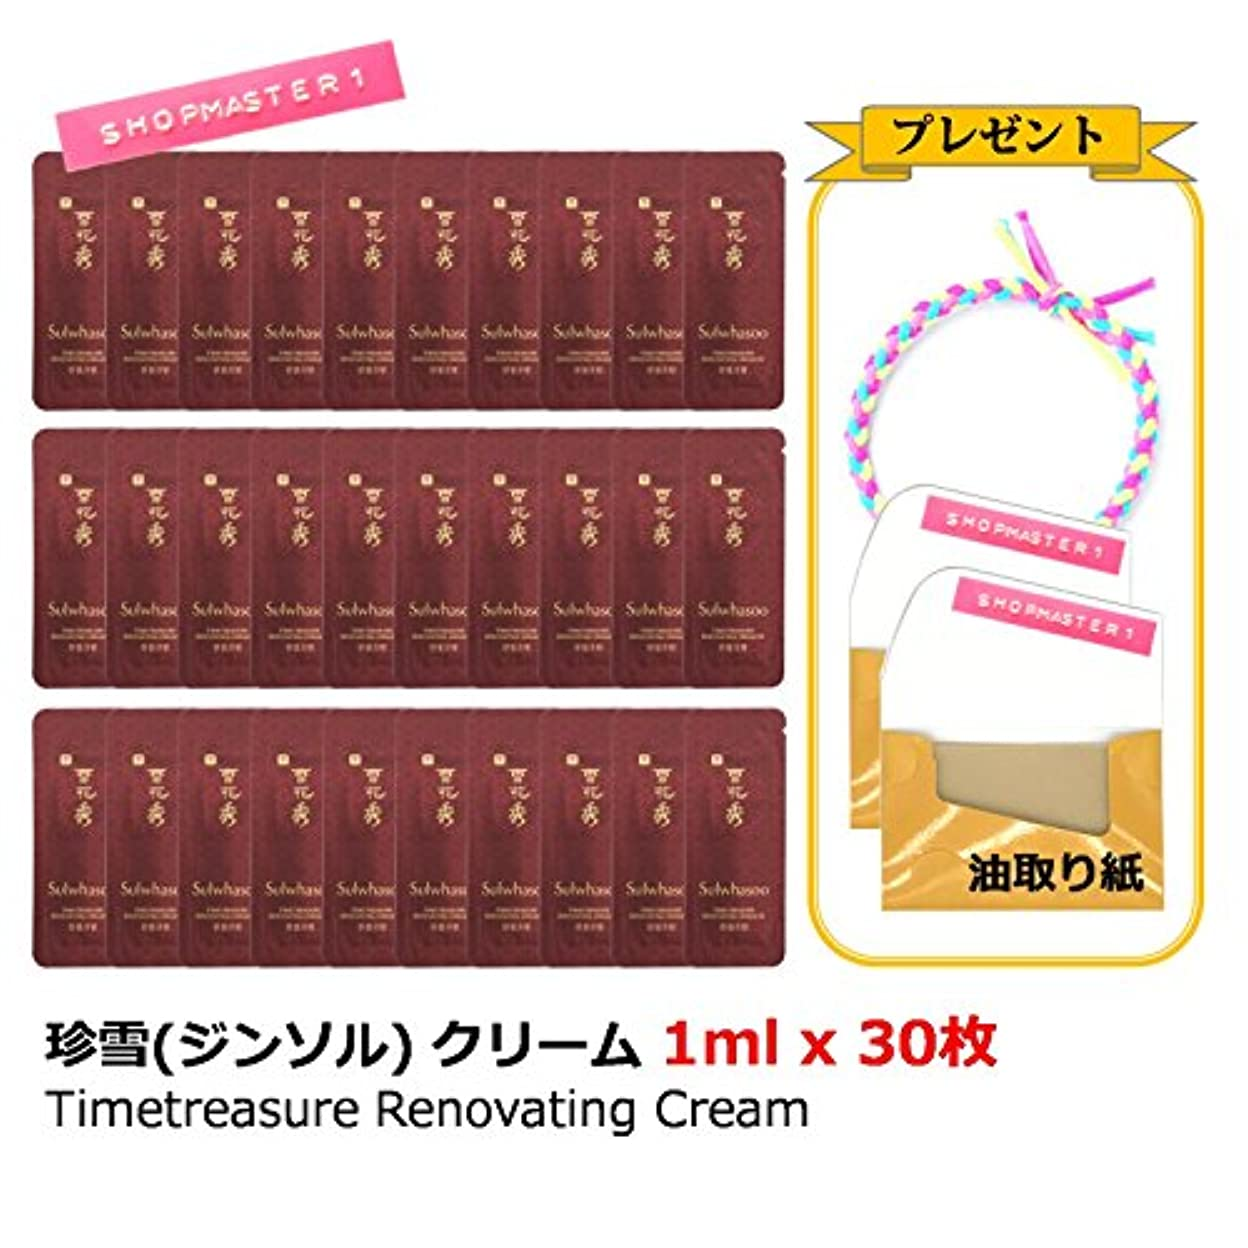 オープナー伝染病あいにく【Sulwhasoo ソルファス】珍雪(ジンソル) クリーム 1ml x 30枚 Timetreasure Renovating Cream/プレゼント 油取り紙 2個(30枚ずつ)、ヘアタイ/海外直配送